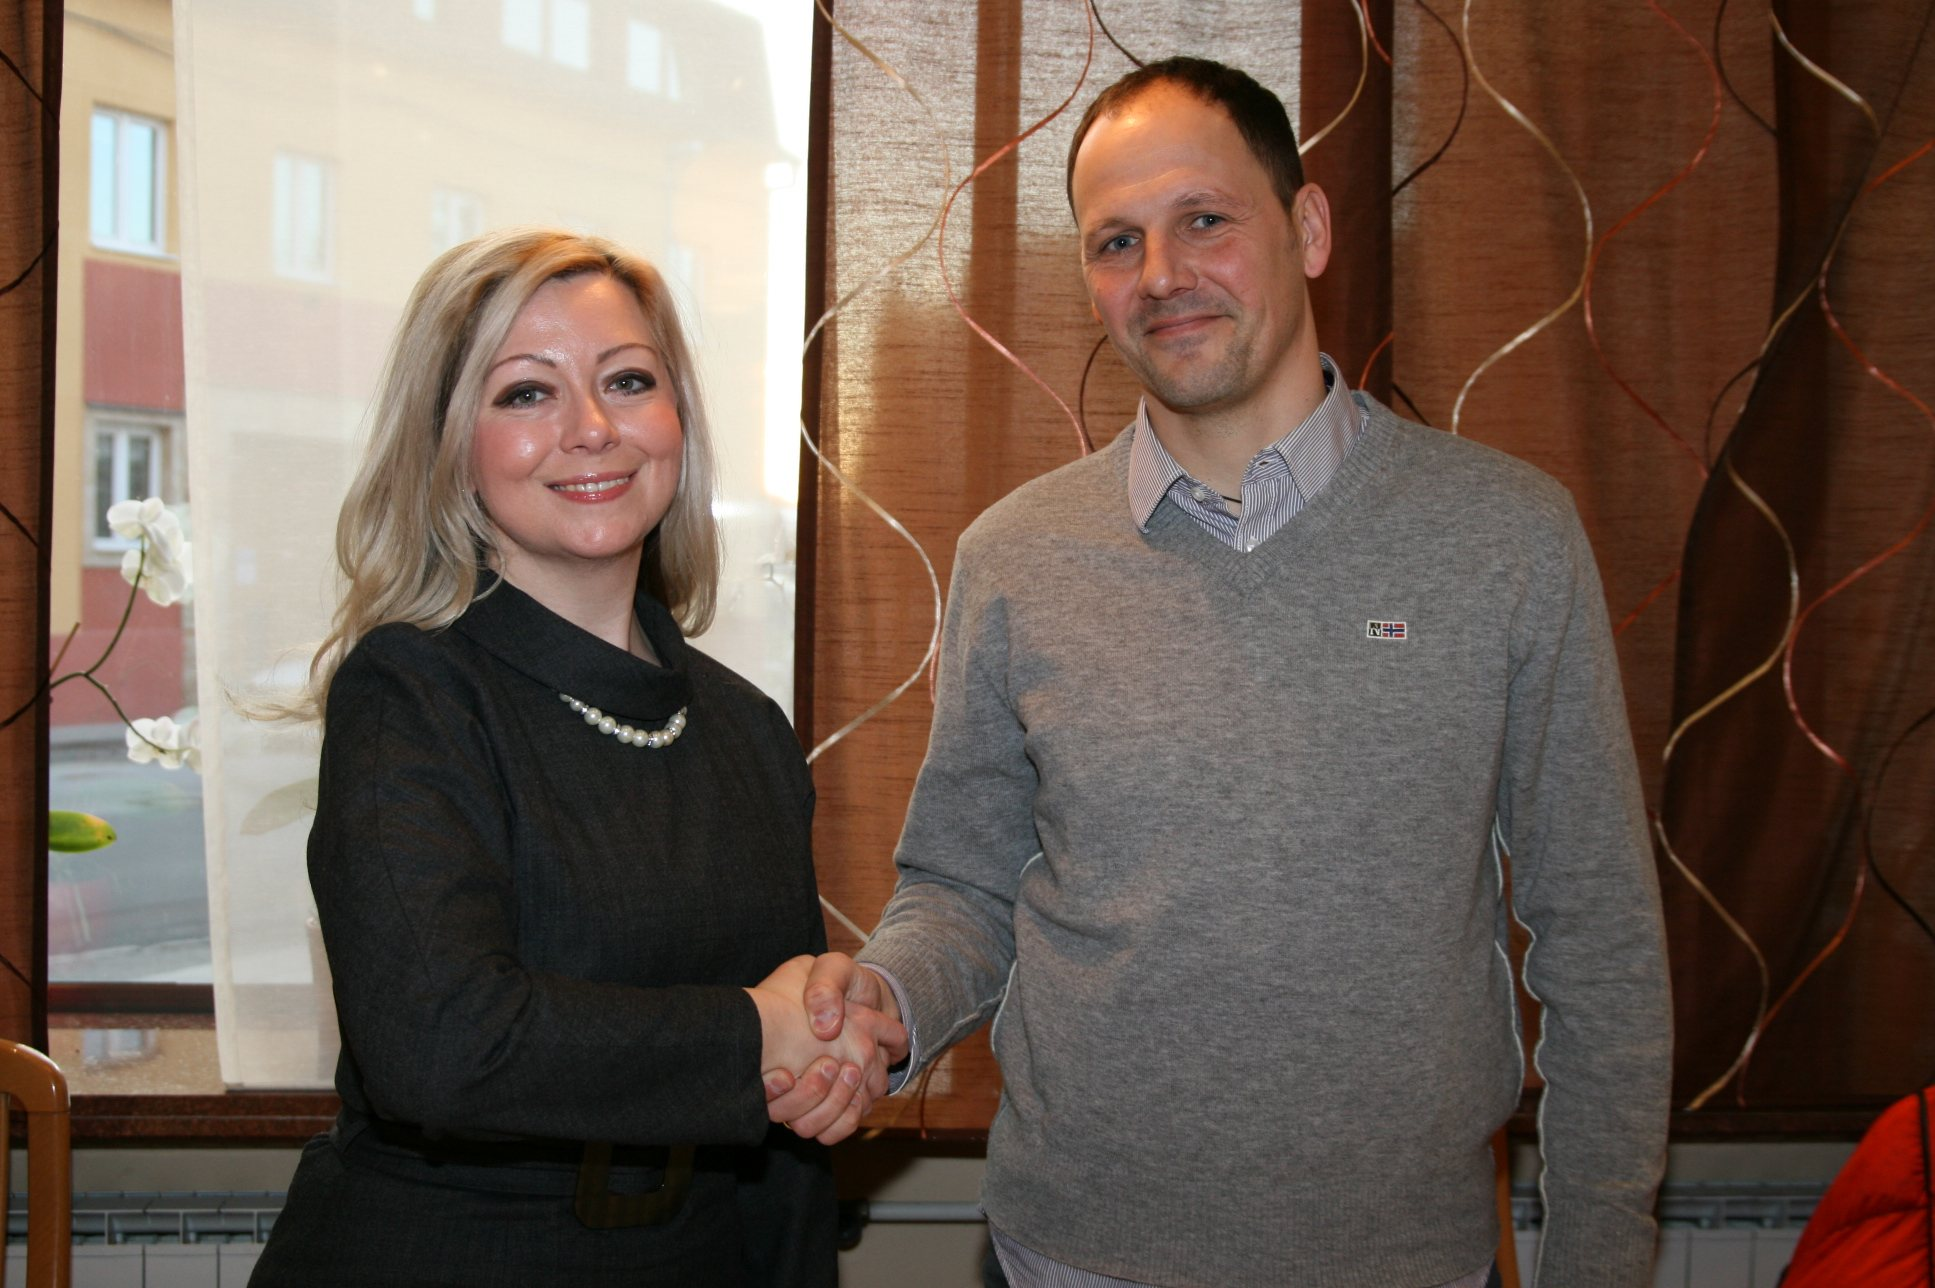 Predsednica Mure 05 Nataša Horvat in novi trener članske ekipe Ante Šimundža.